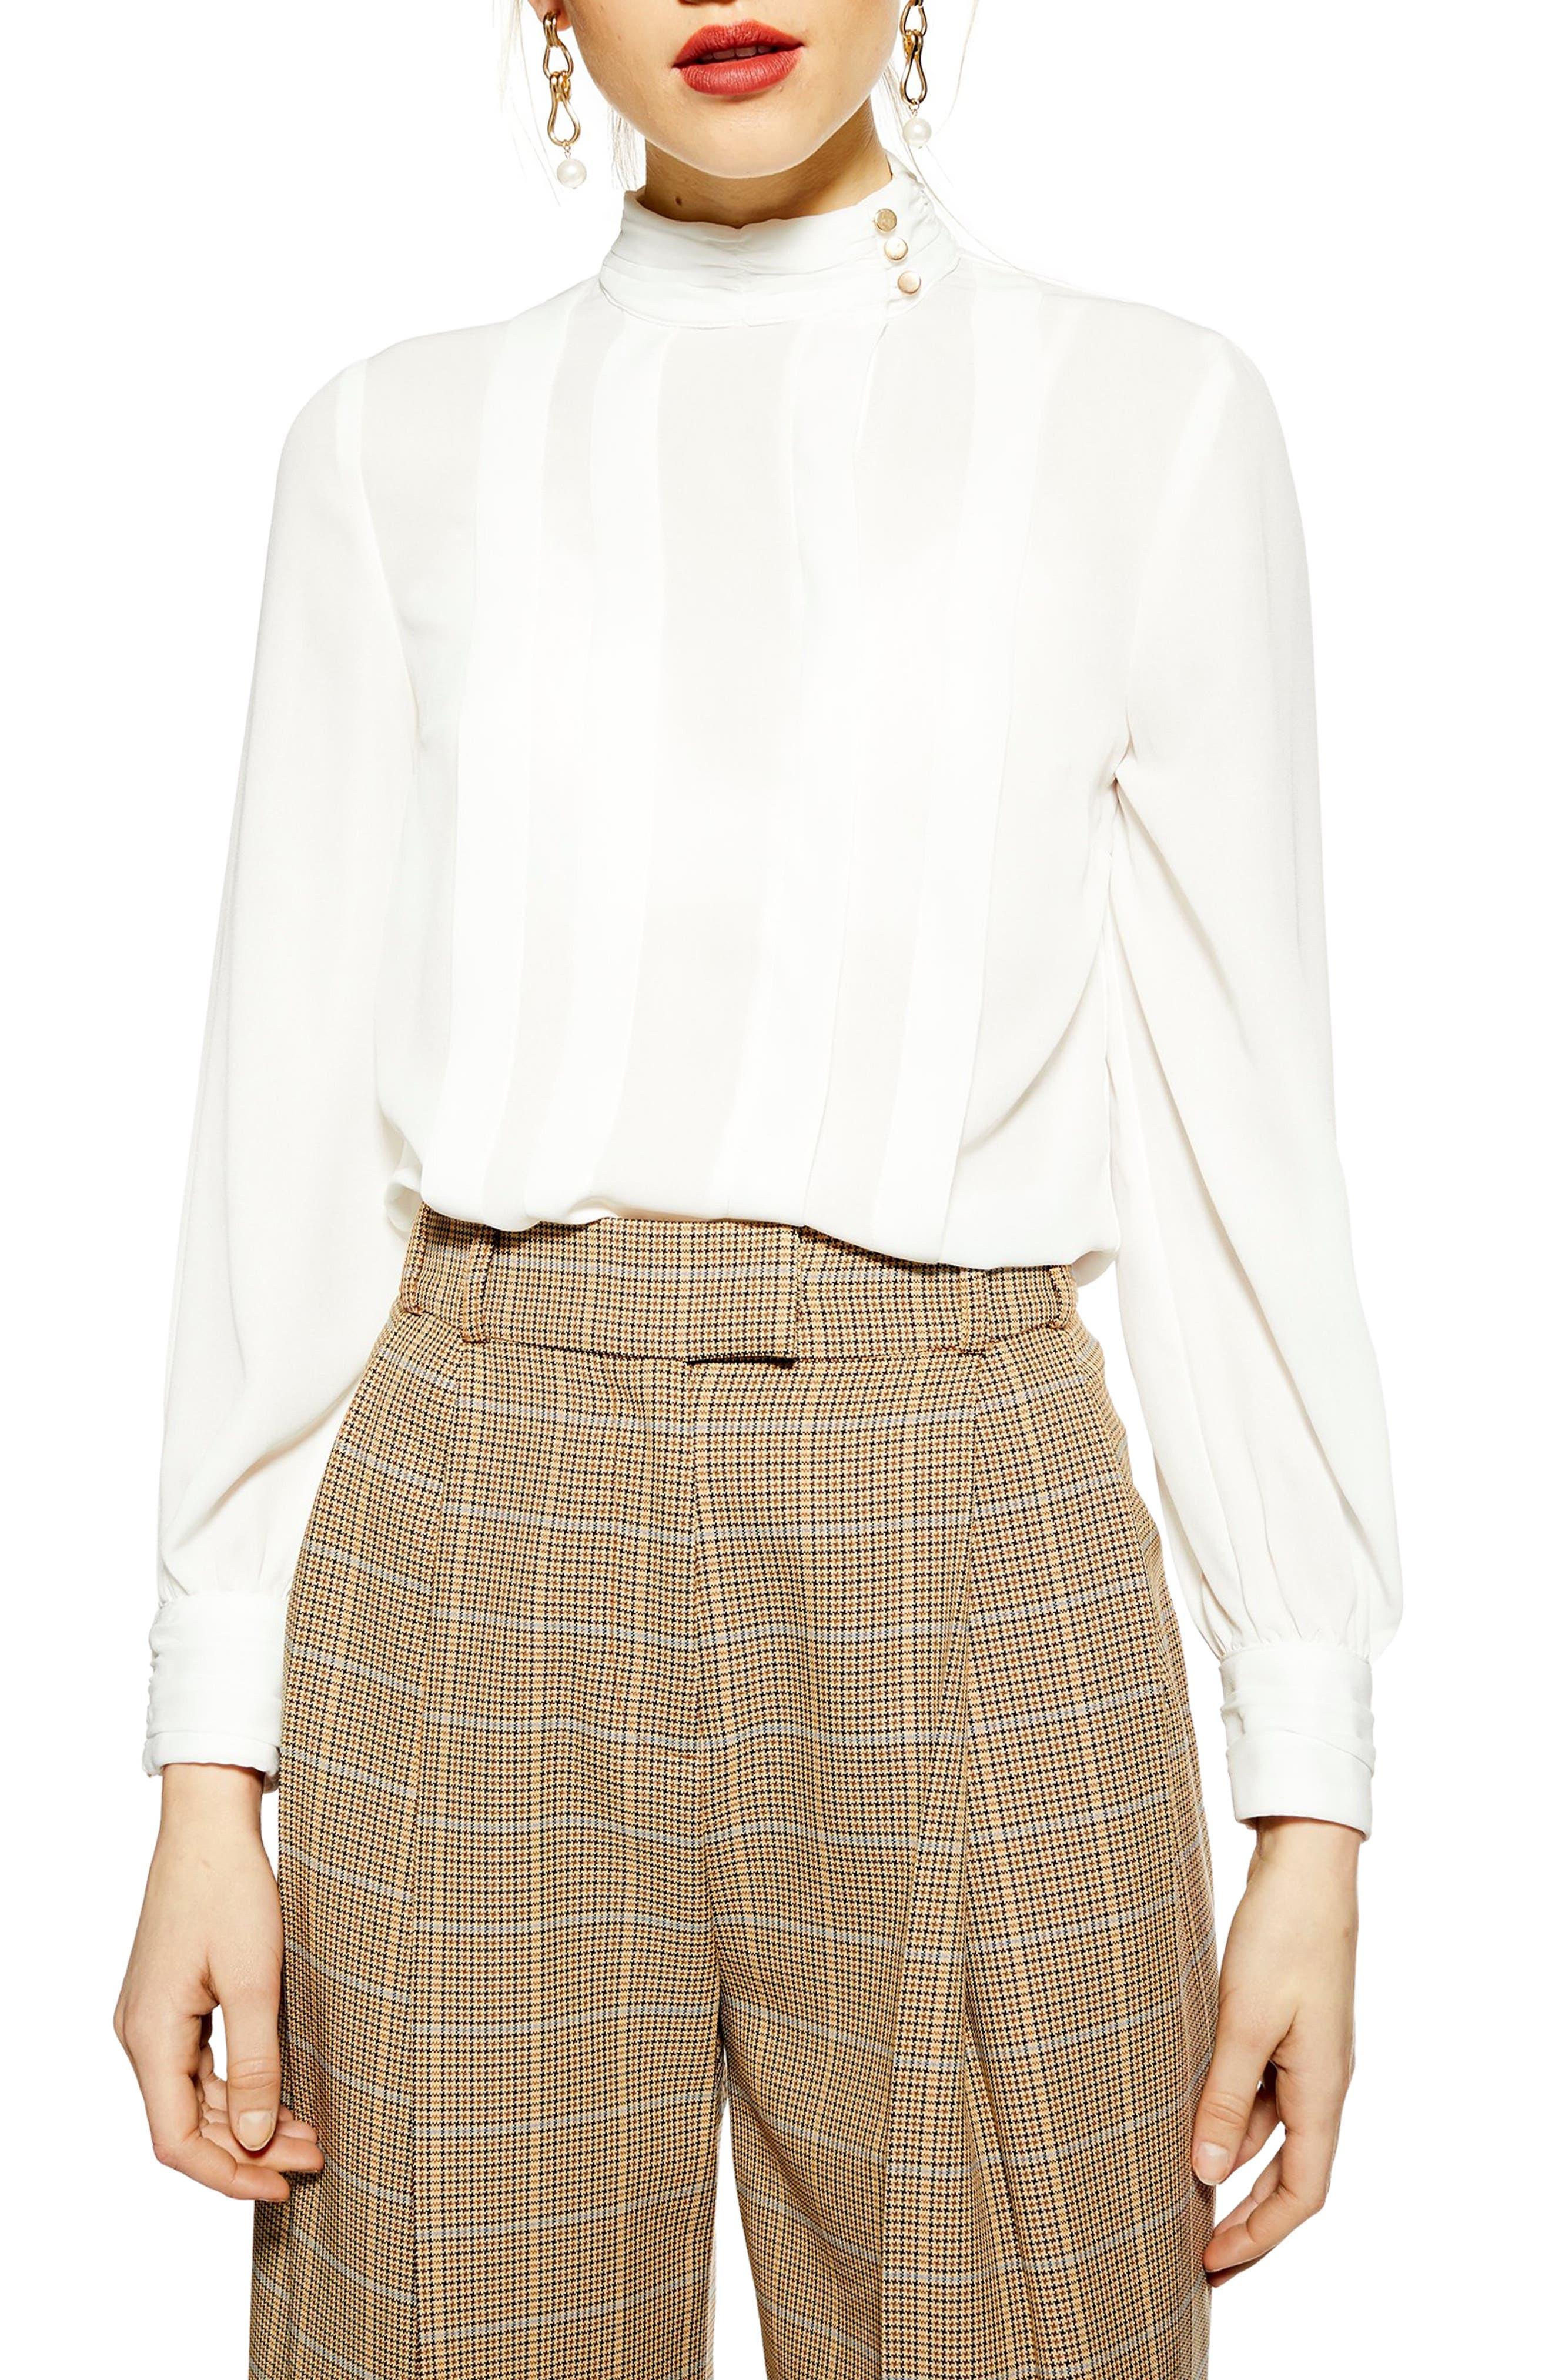 TOPSHOP, Pleat Button Neck Shirt, Main thumbnail 1, color, 900